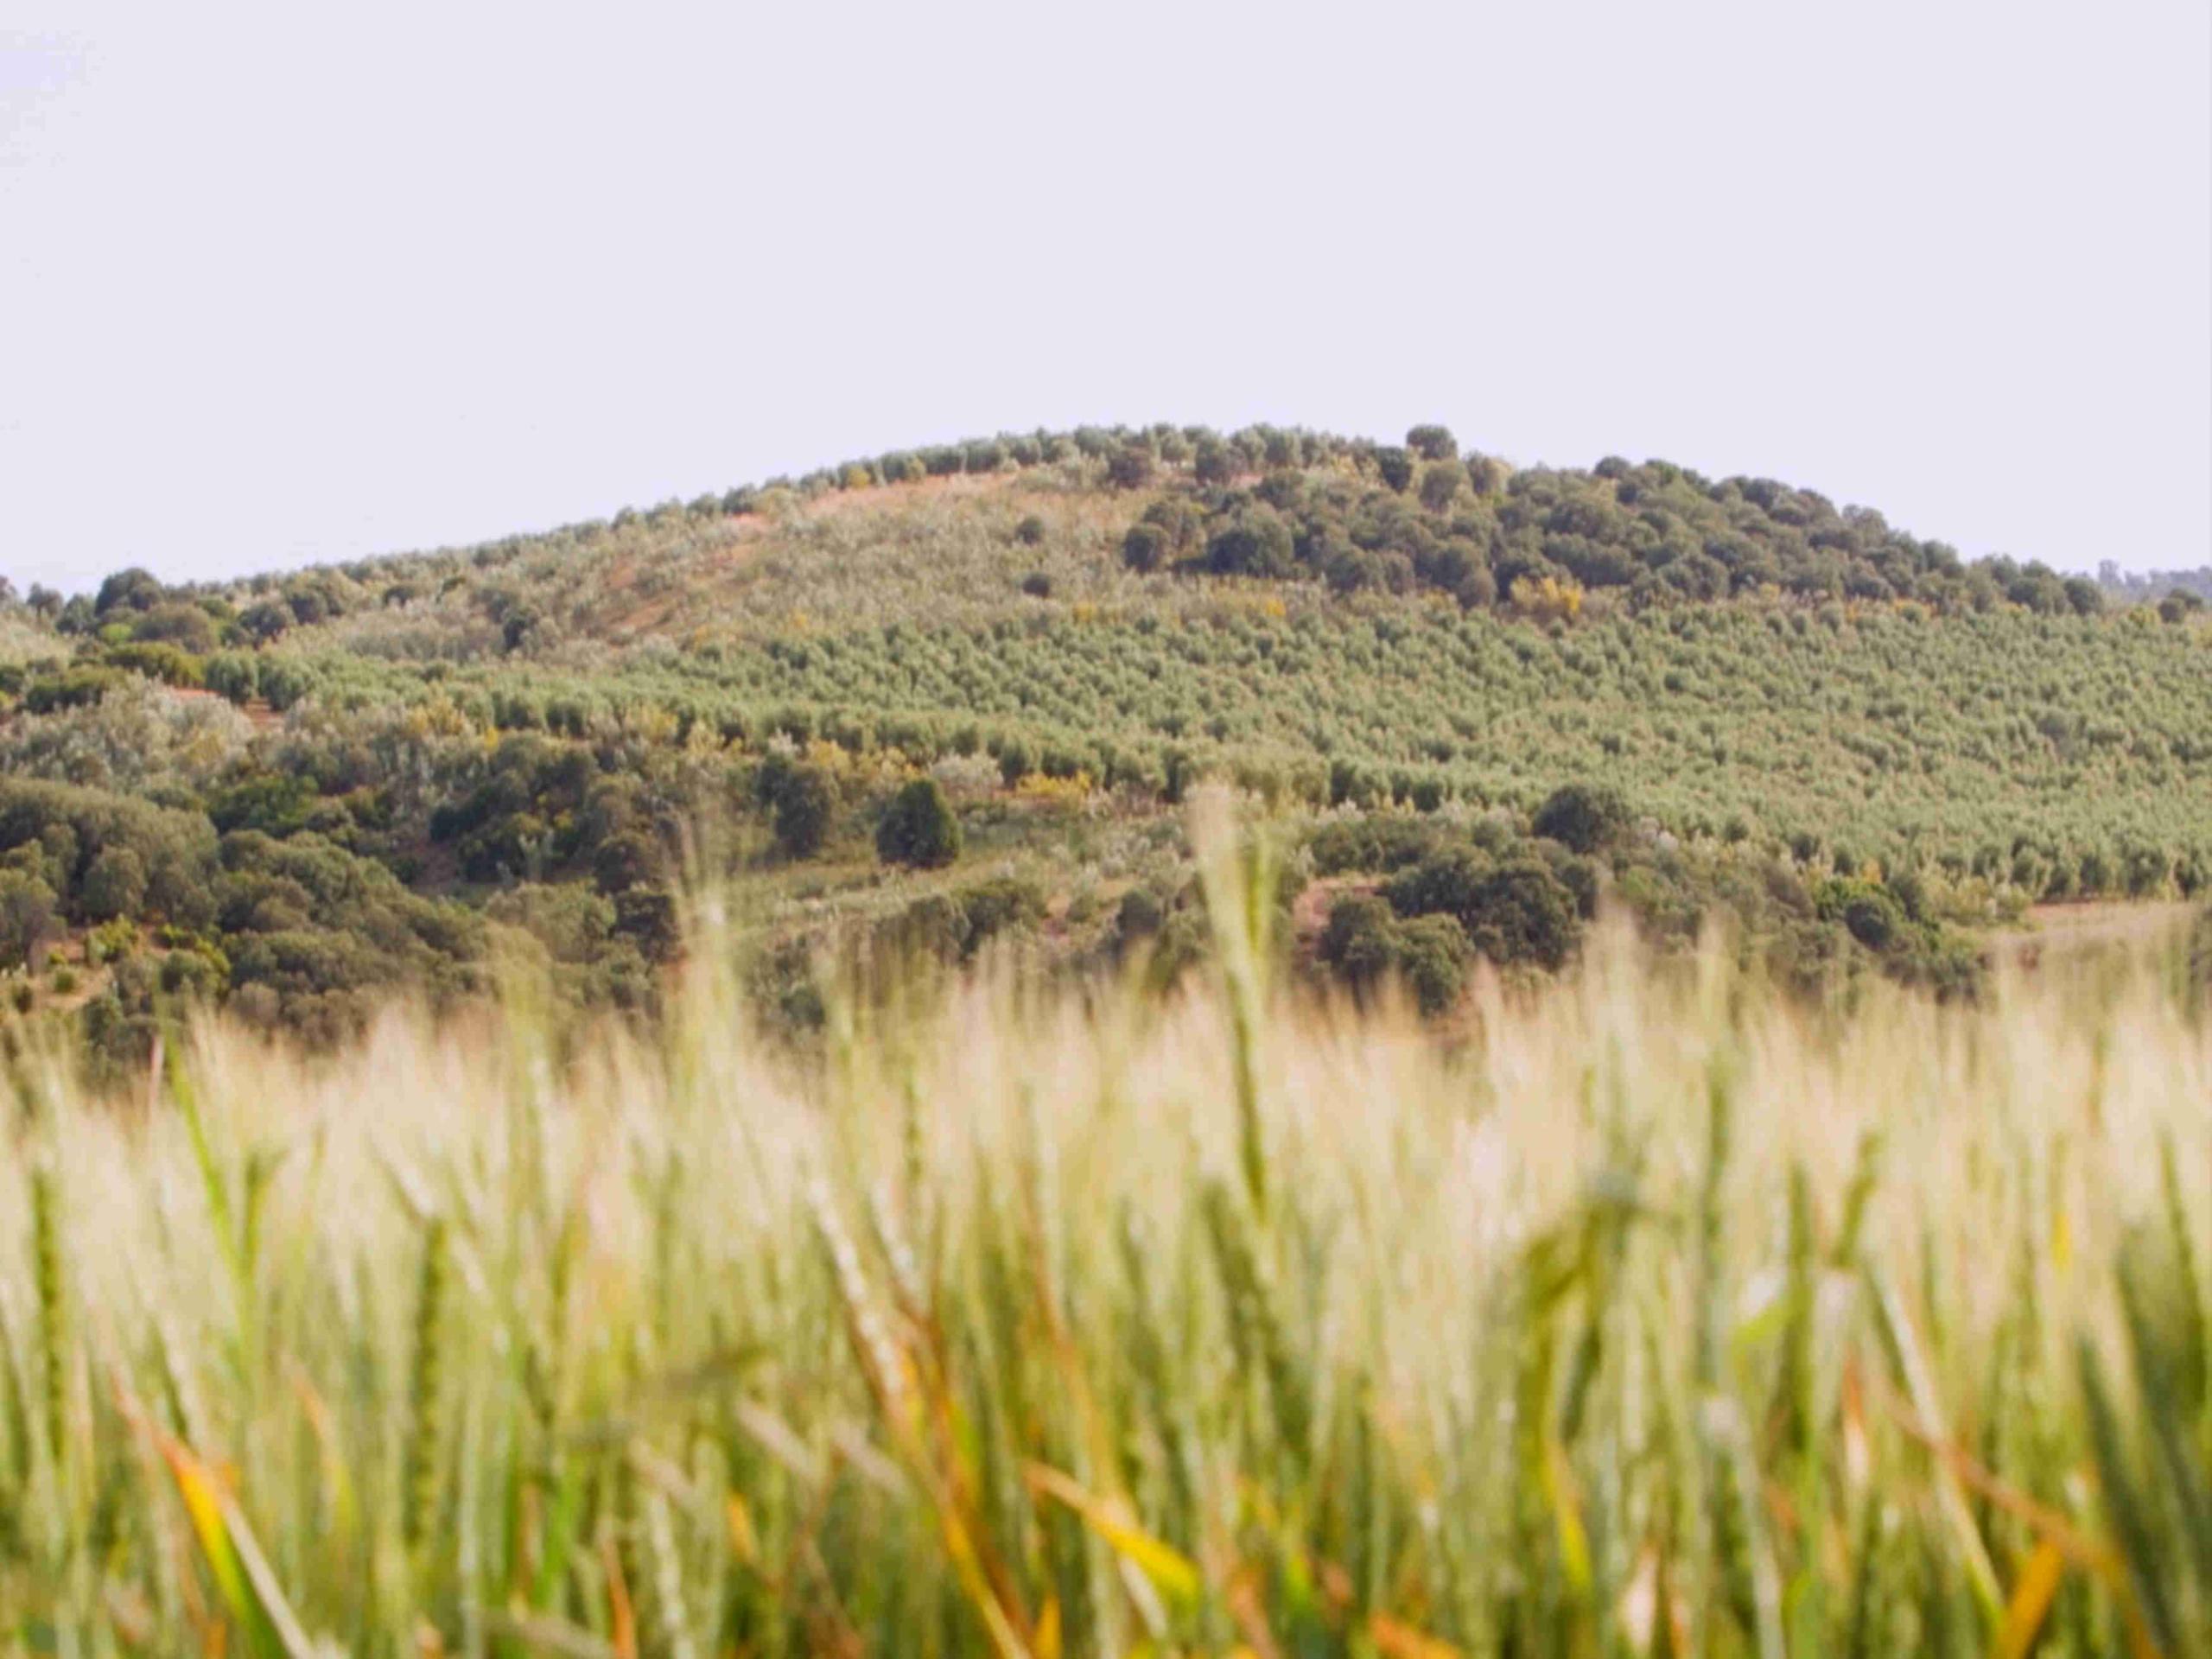 La finca Casas de Hualdo trigo y olivar